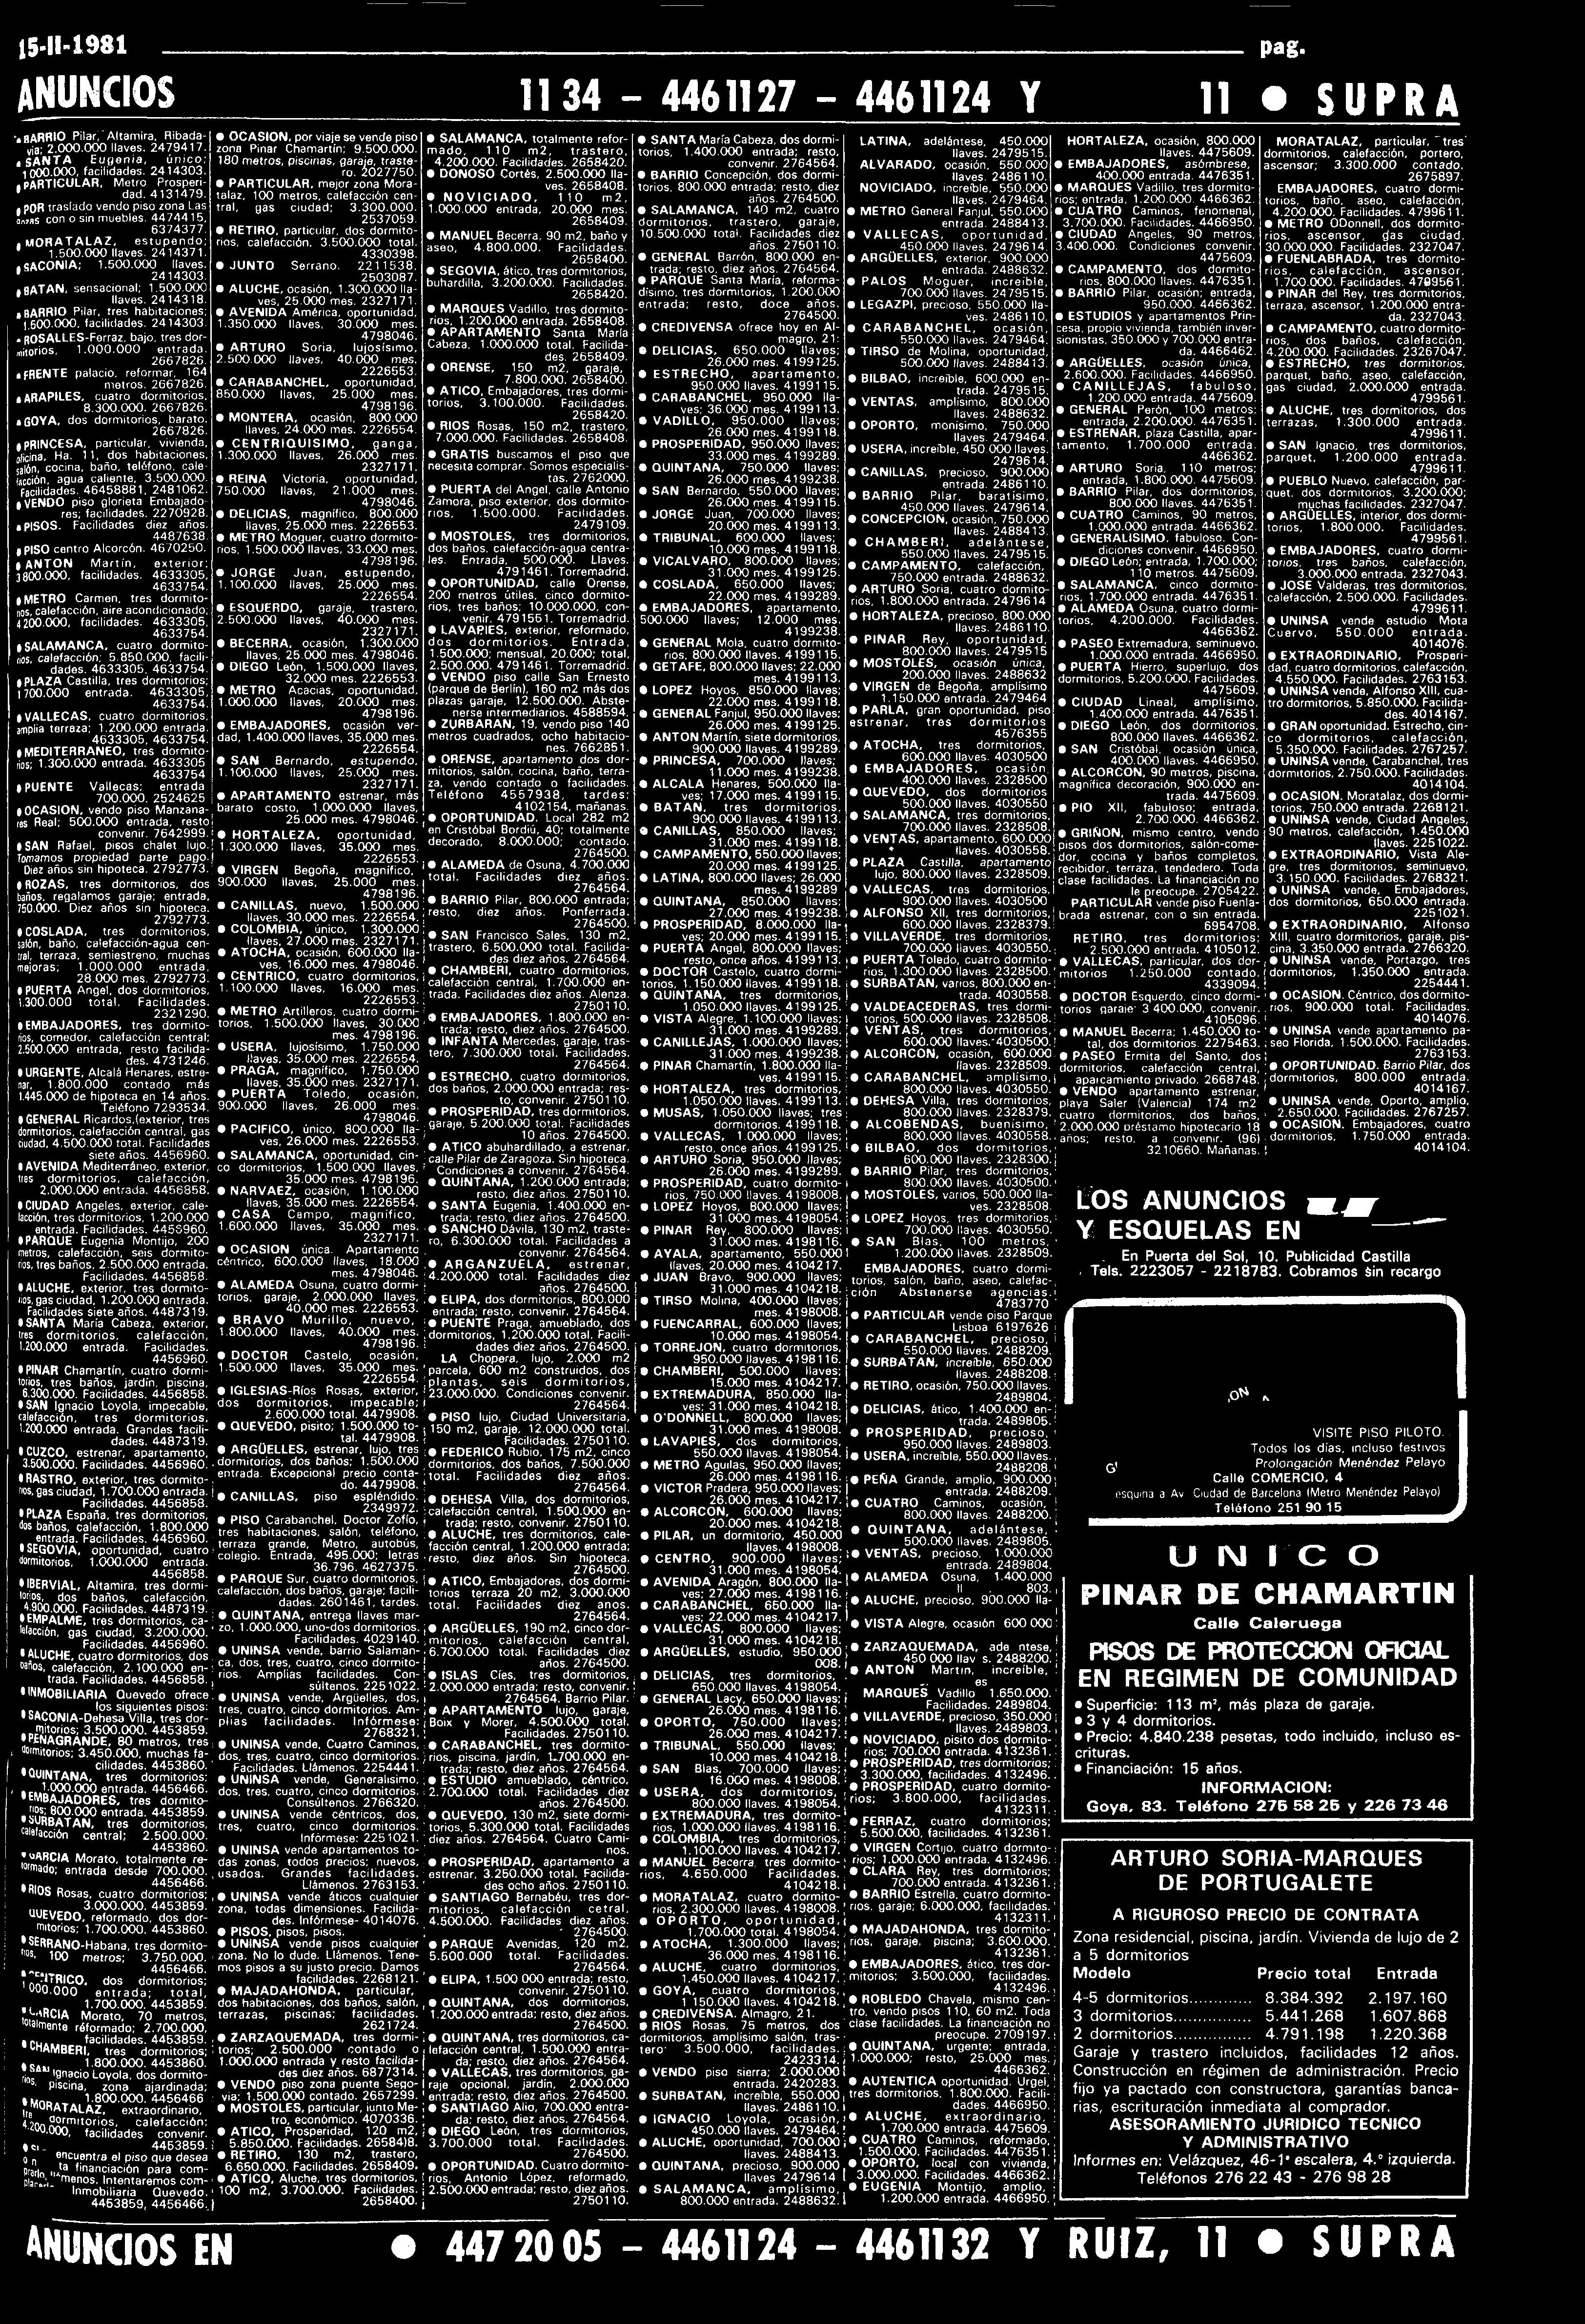 EL CARRASCAL junto a Zarzaquemada LECANES UNA URBANIZACION CON VENTAJAS Domingo 15 de febrero de PDF